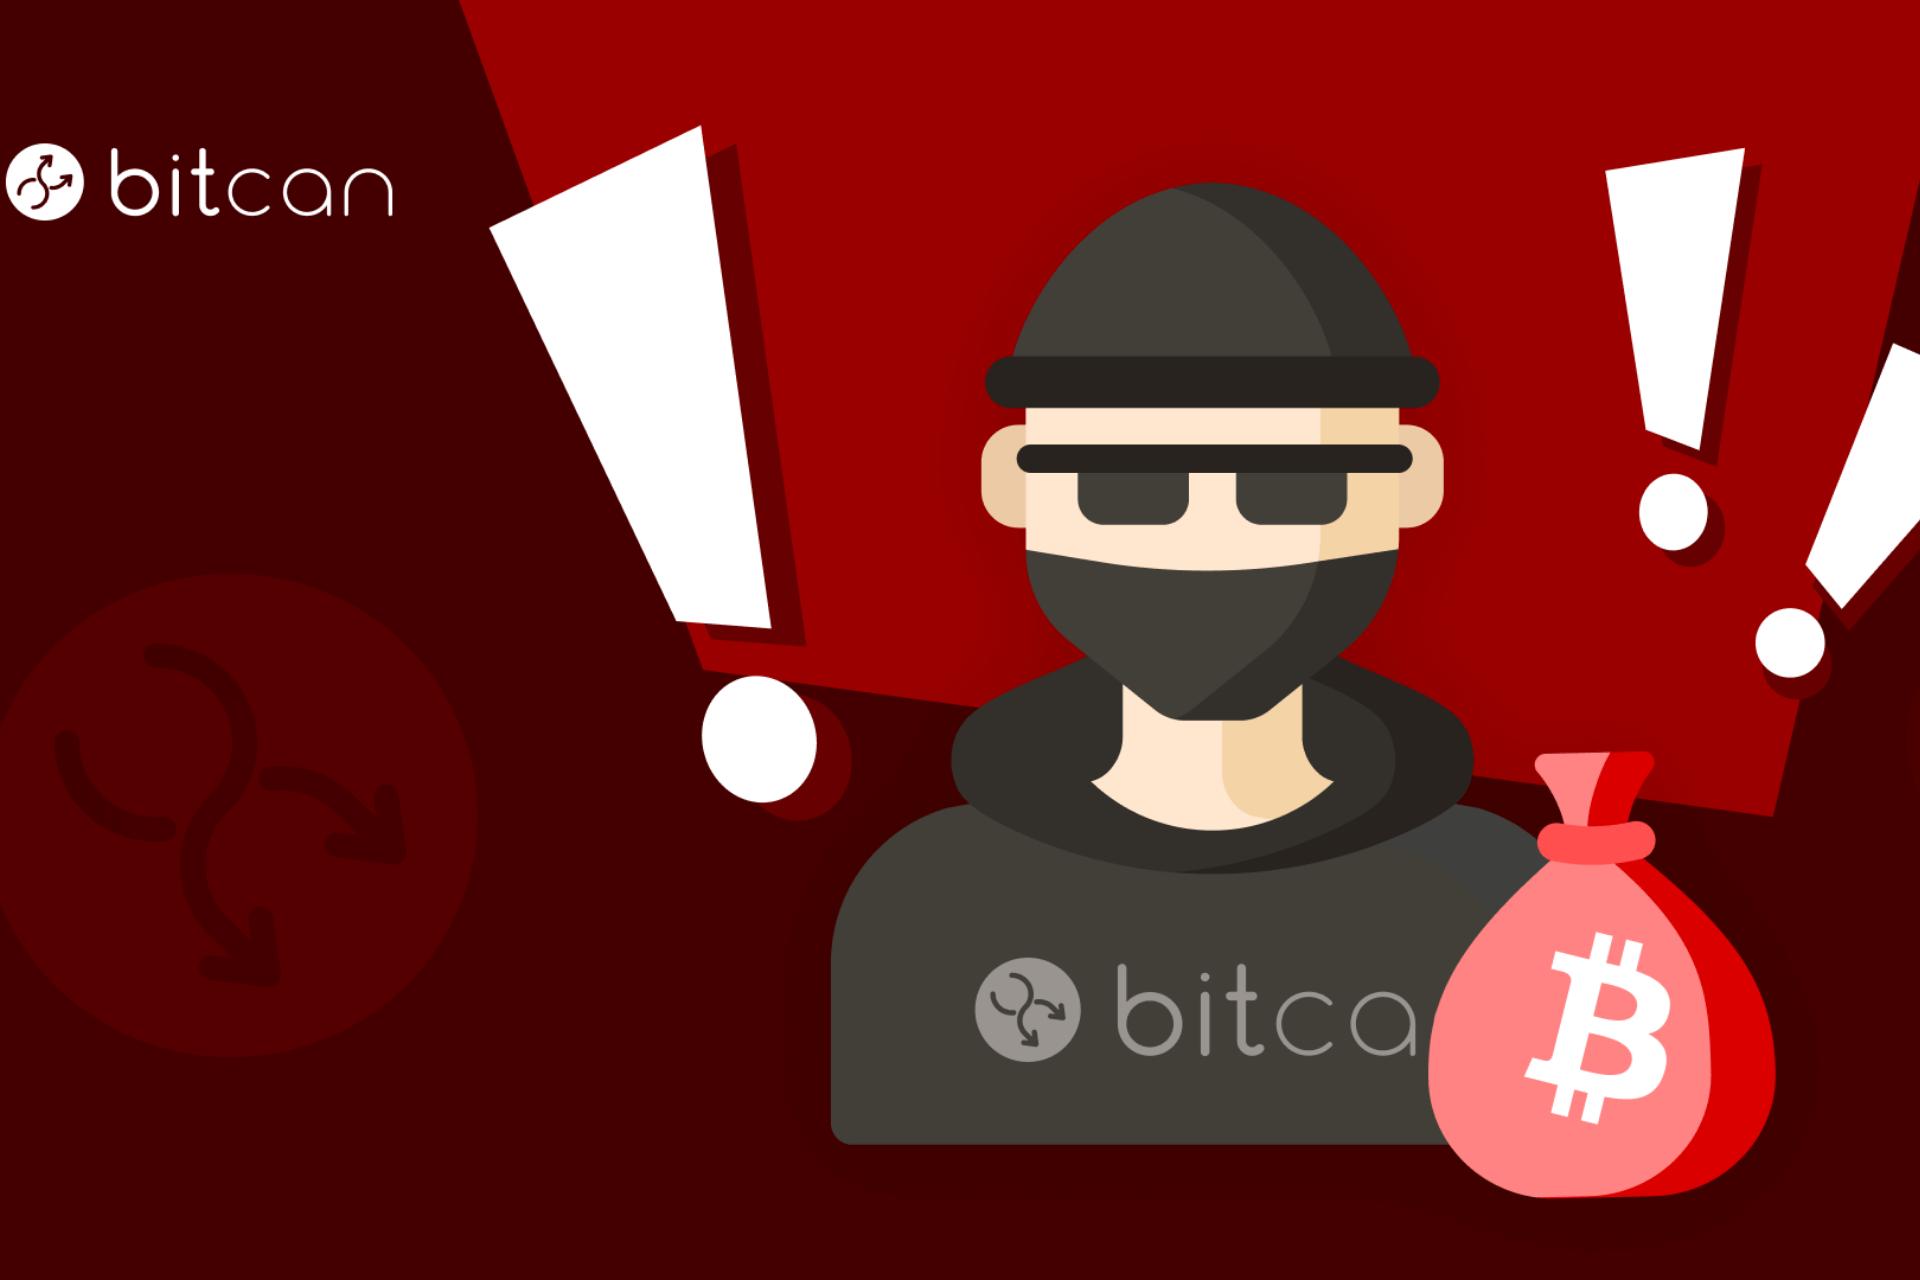 Bitcan ostrzega: Uważaj na oszustów podszywających się pod nasz kantor kryptowalutowy!